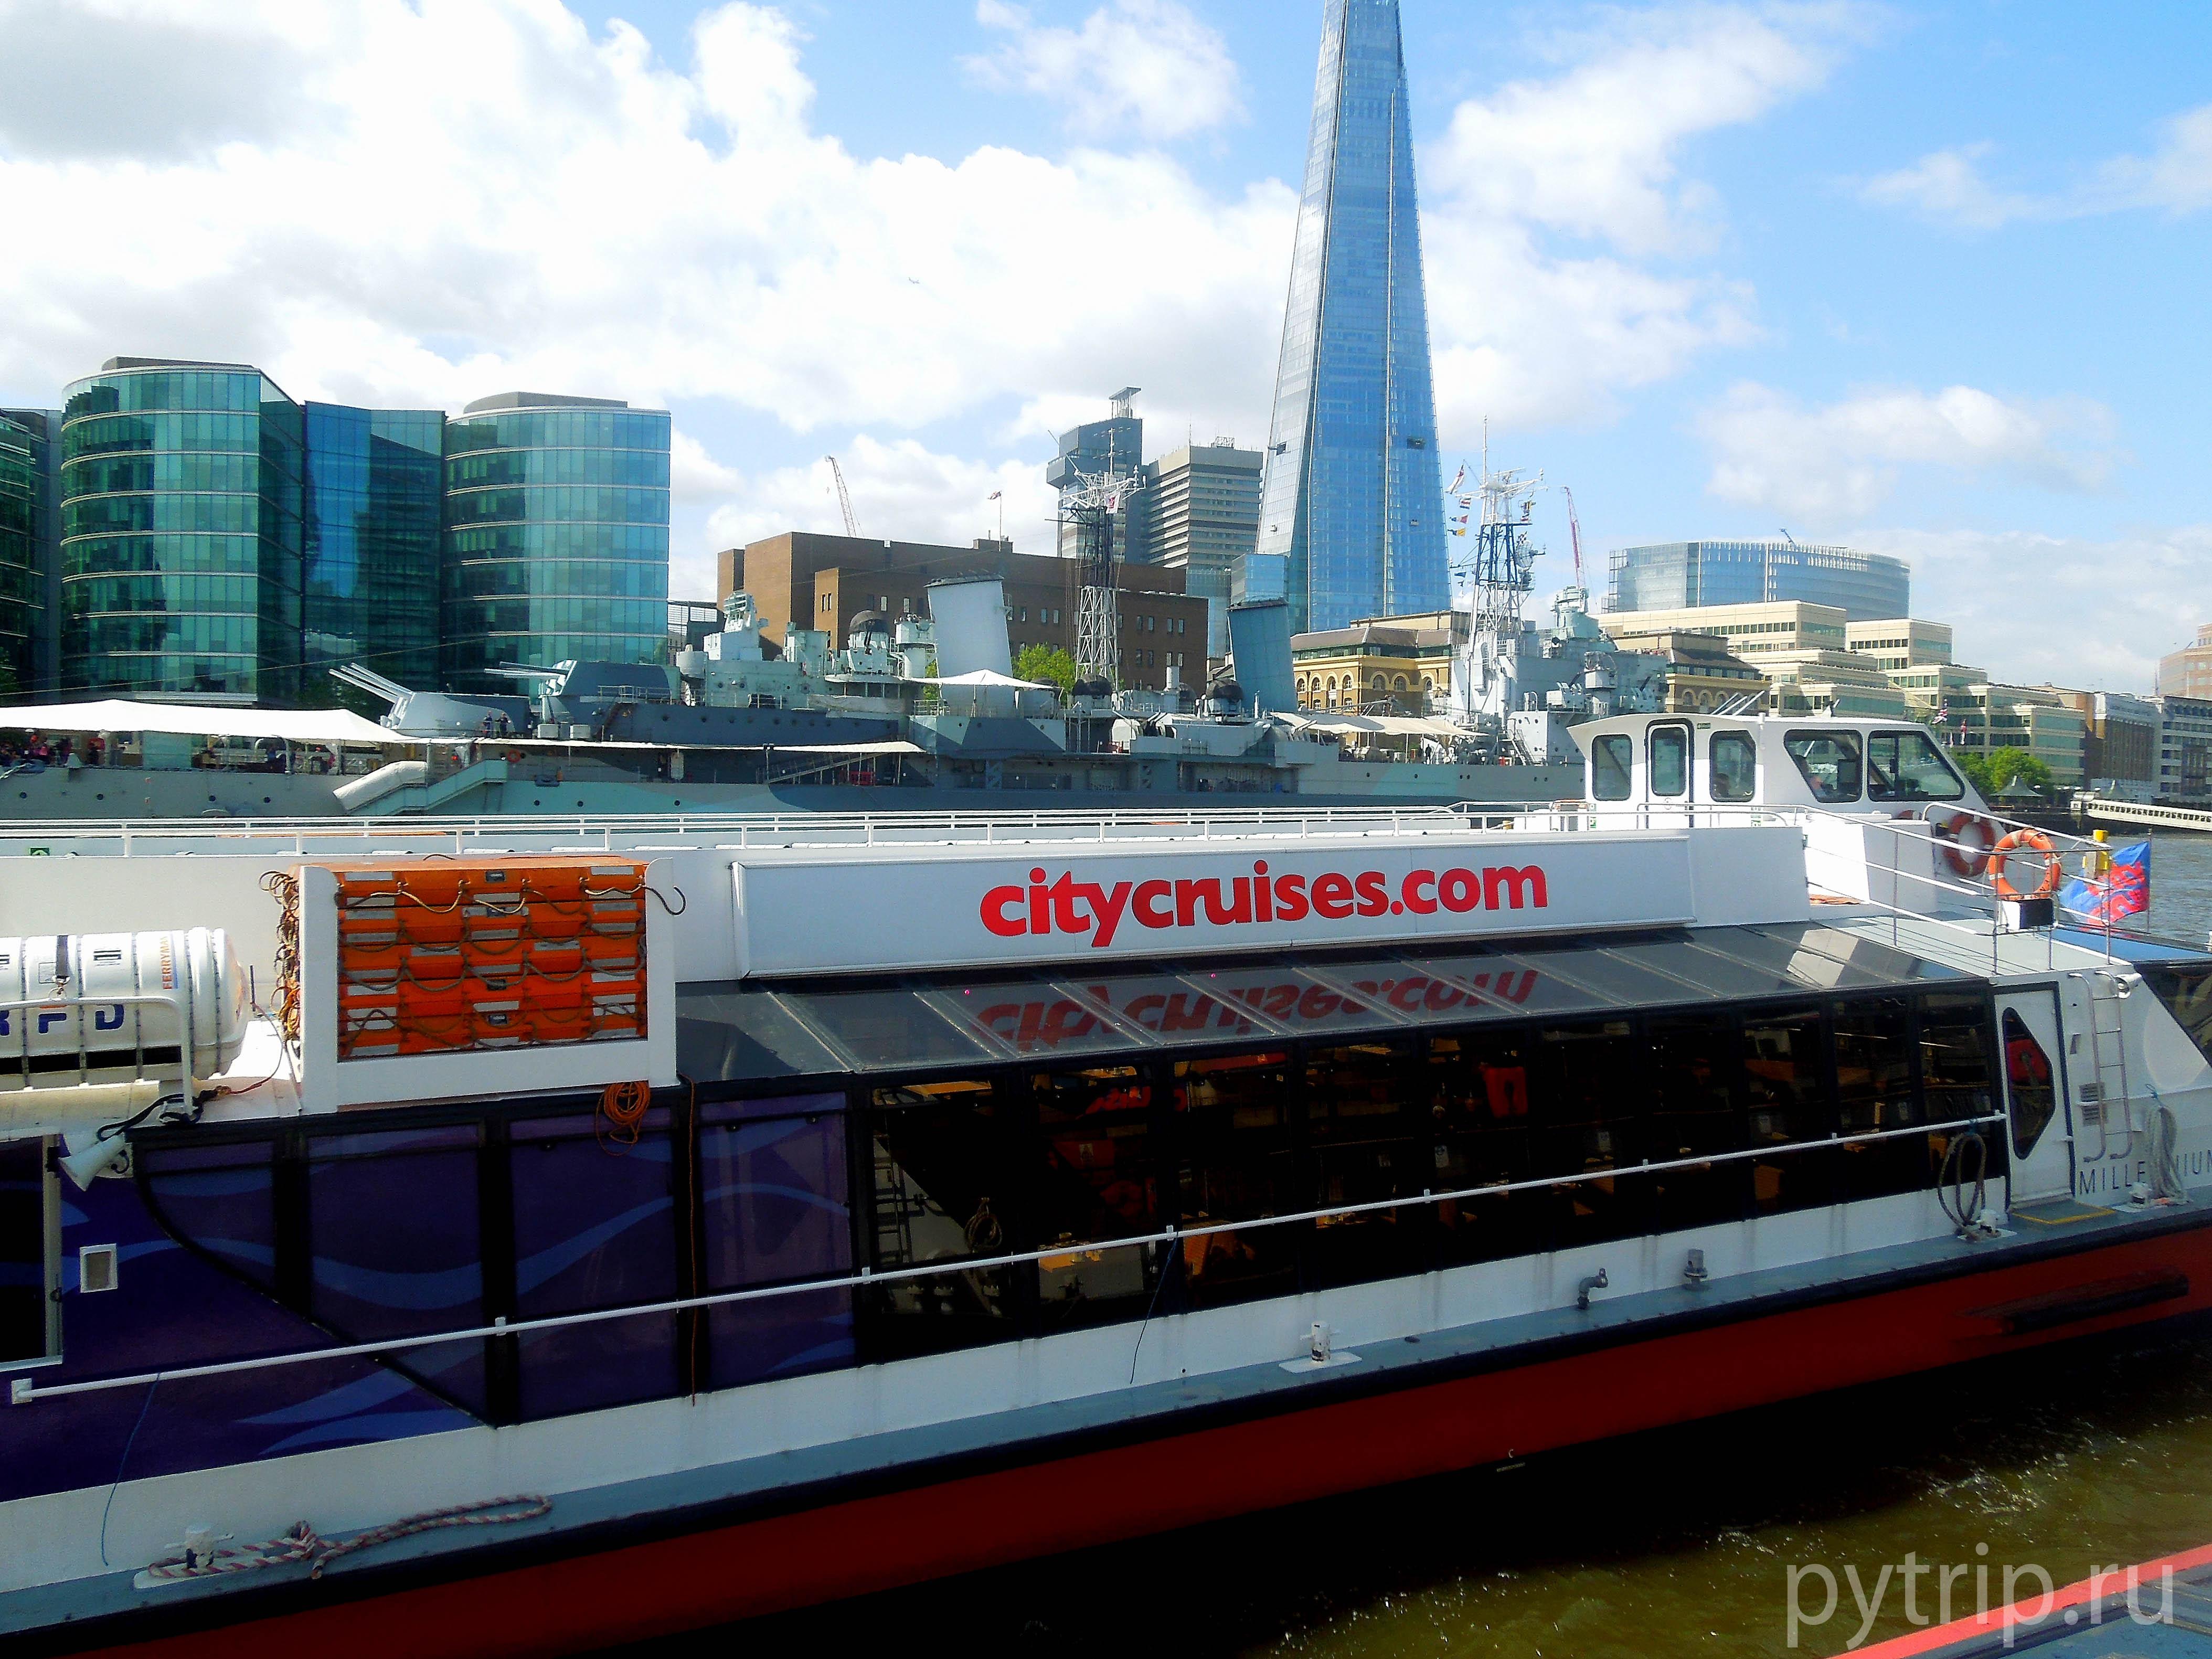 Вот такие теплоходы City Cruise курсируют по Темзе